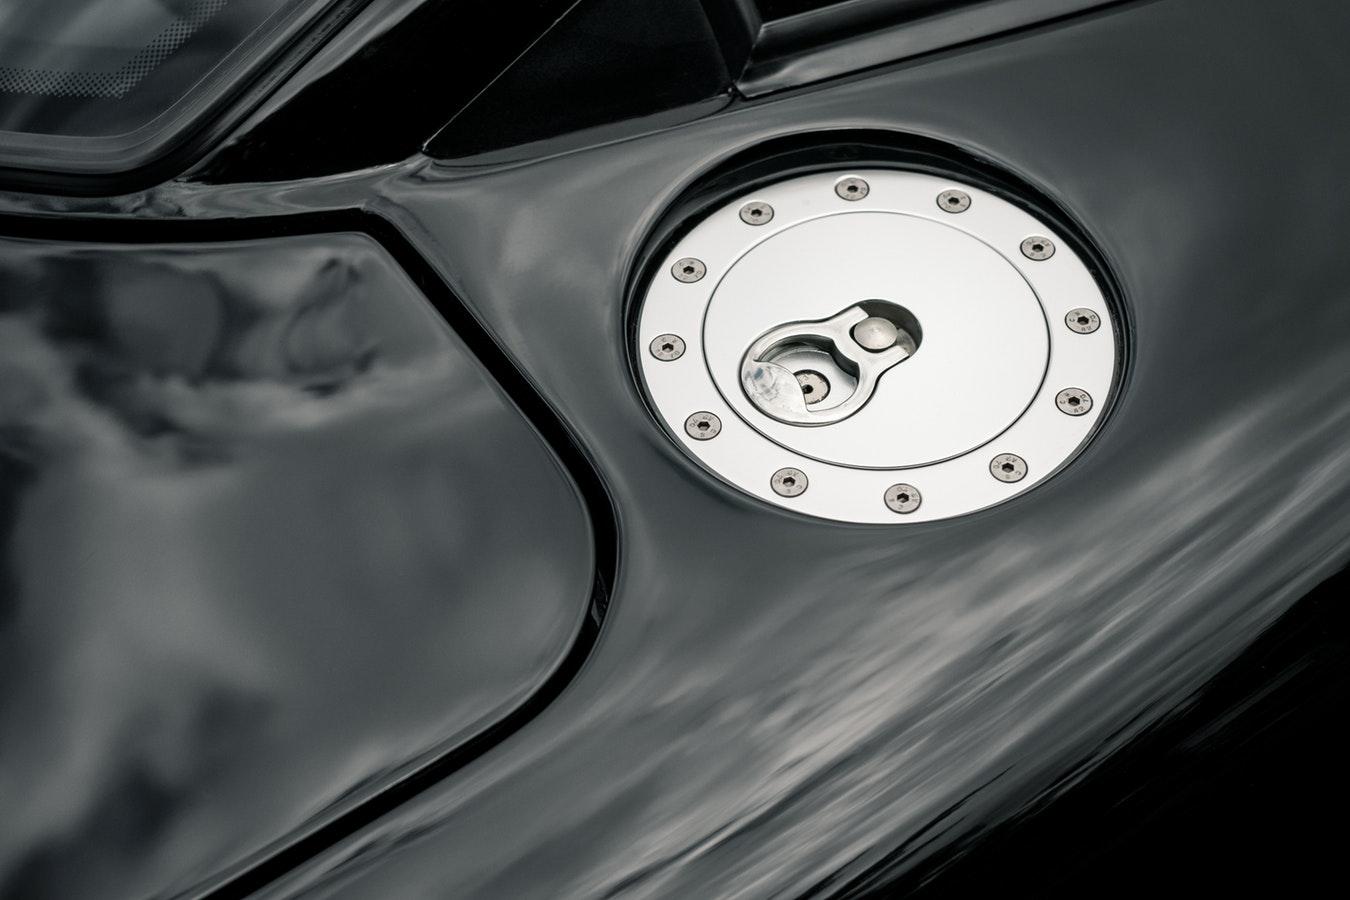 desguace1 - No despieces tu coche antes de llevarlo al desguace